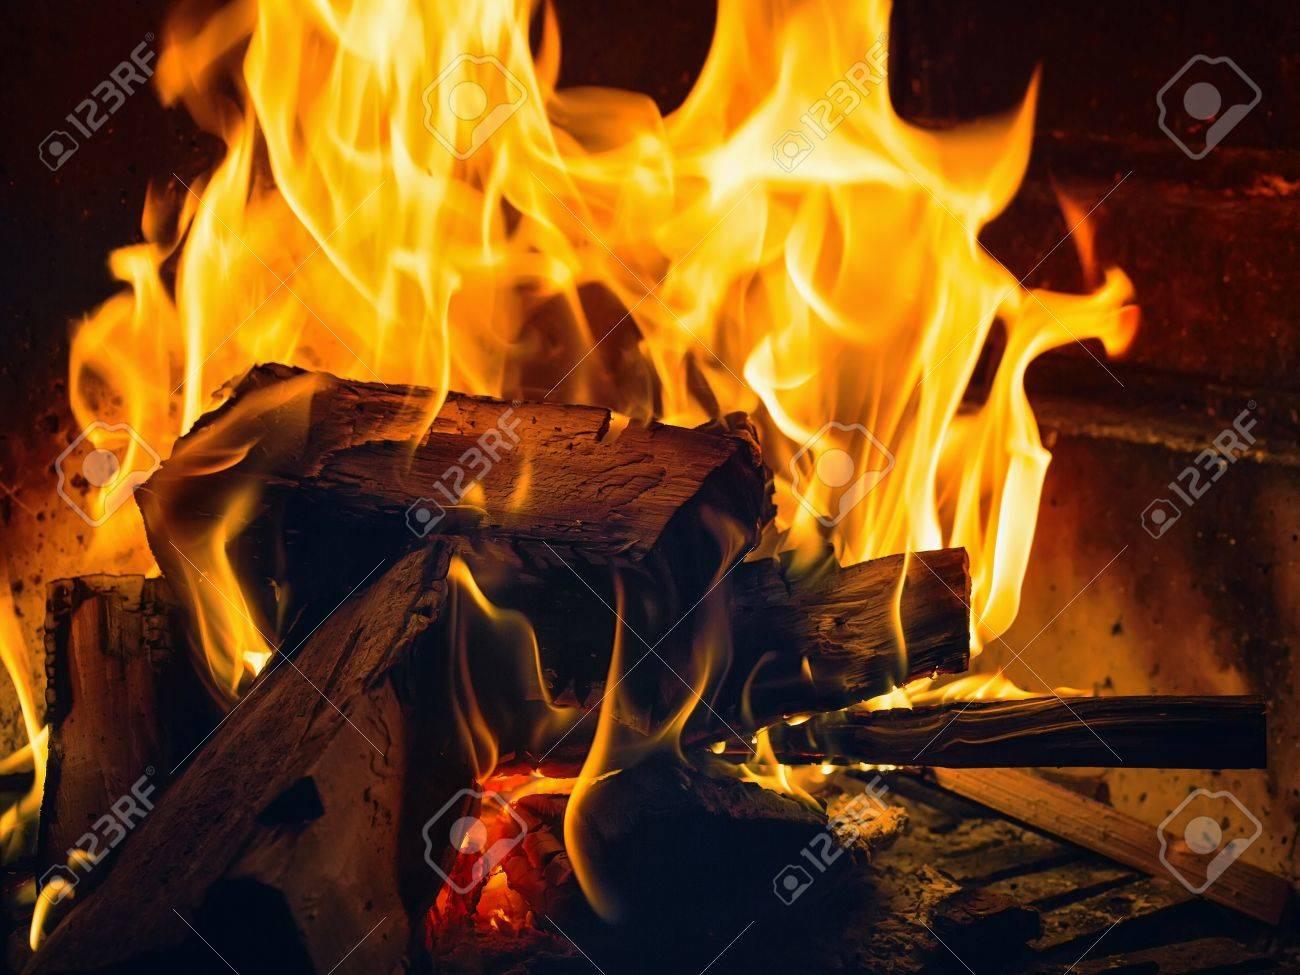 """Expresa tu momento """" in situ """" con una imagen - Página 38 22872233-un-peque%C3%B1o-fuego-en-la-chimenea-de-fumar"""